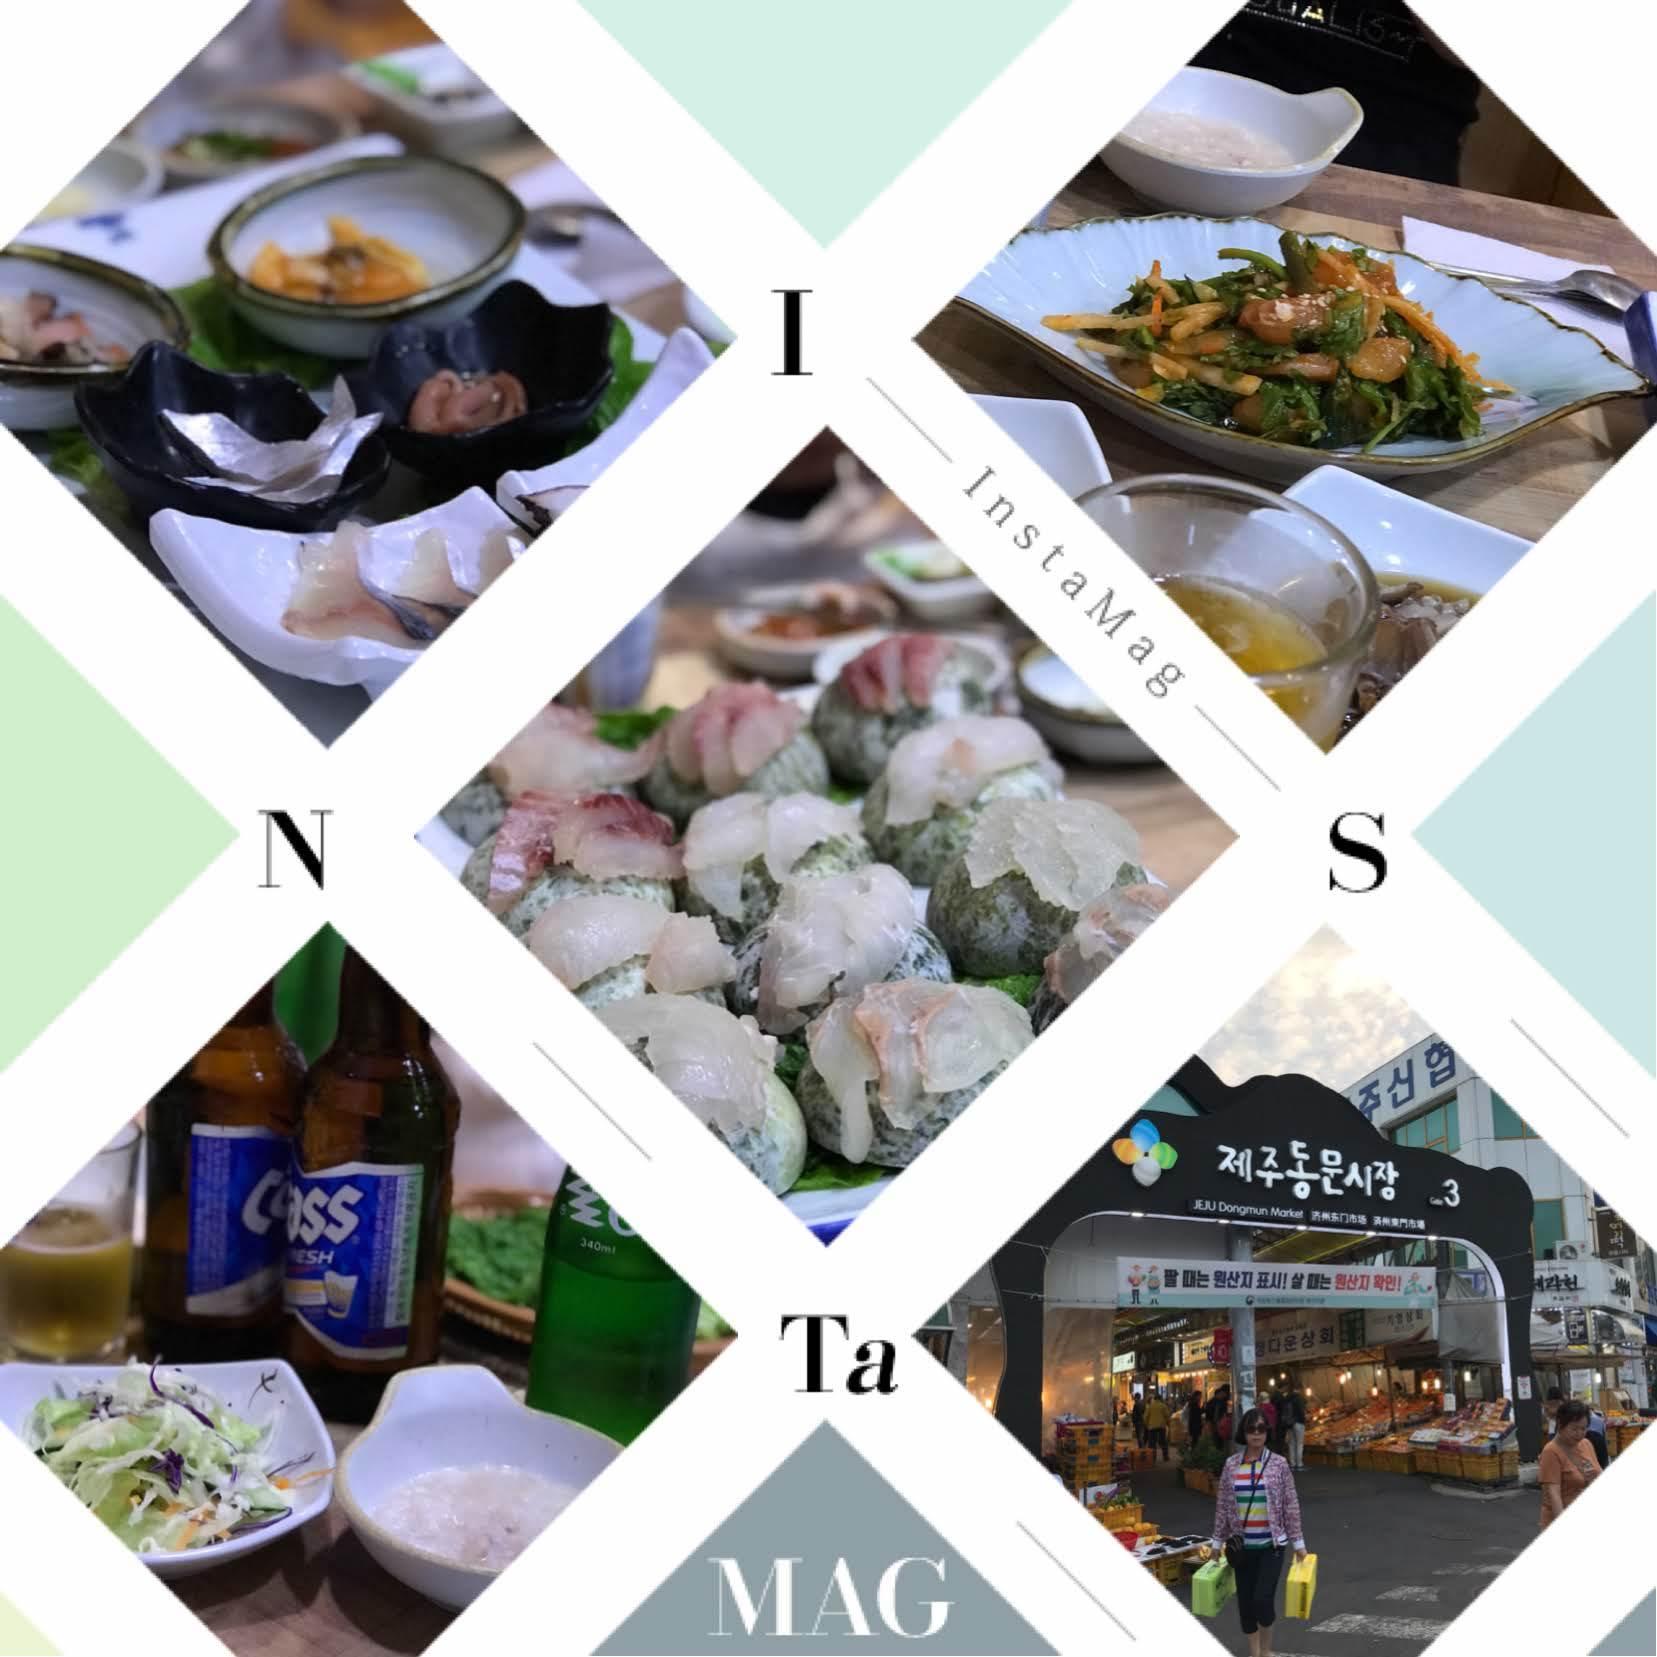 済州島ツアー 食レポ_c0026824_17095542.jpg